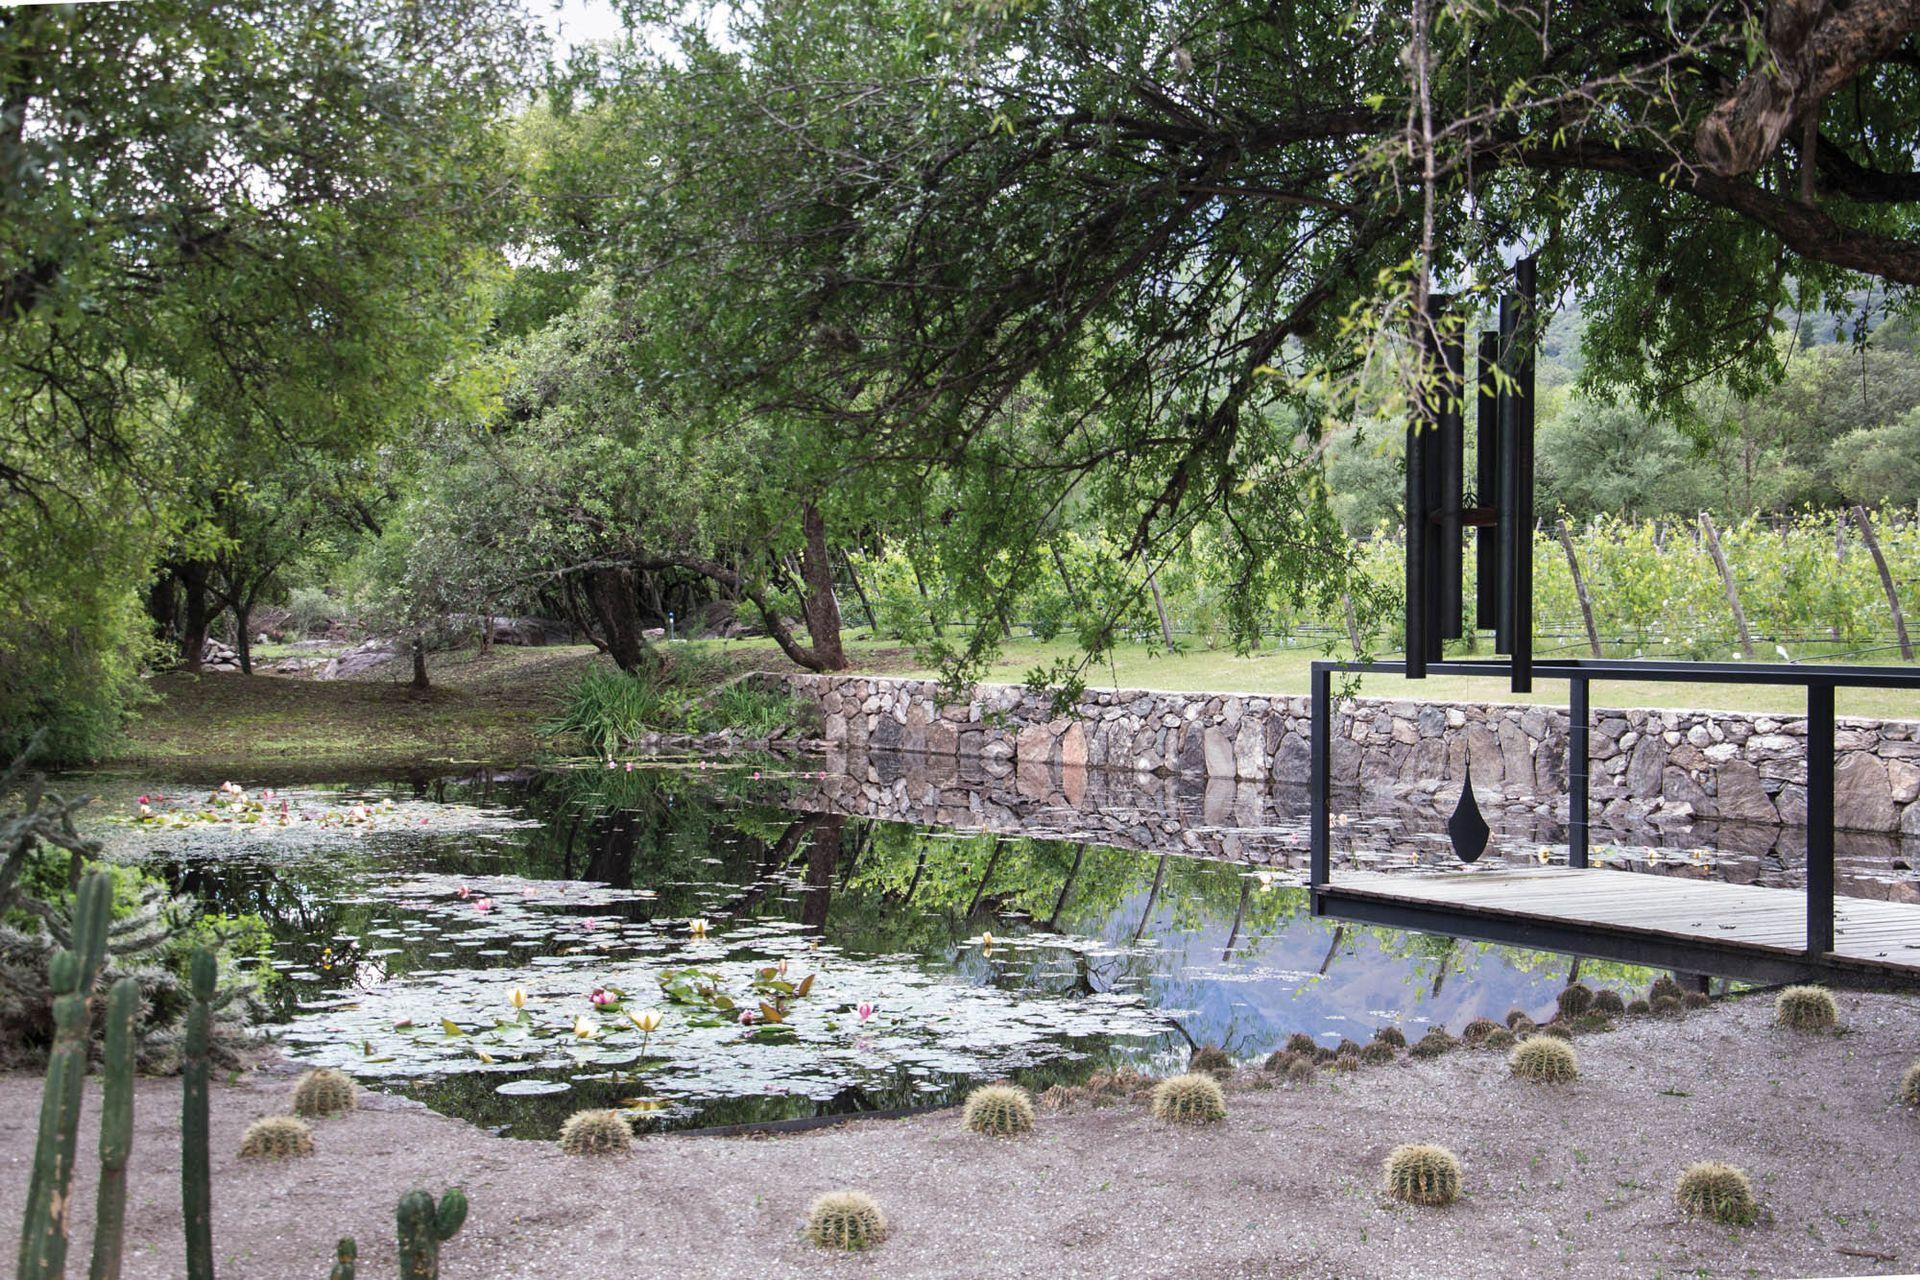 El estanque de la bodega, junto a un jardín de cactus que produce un efecto muy especial.